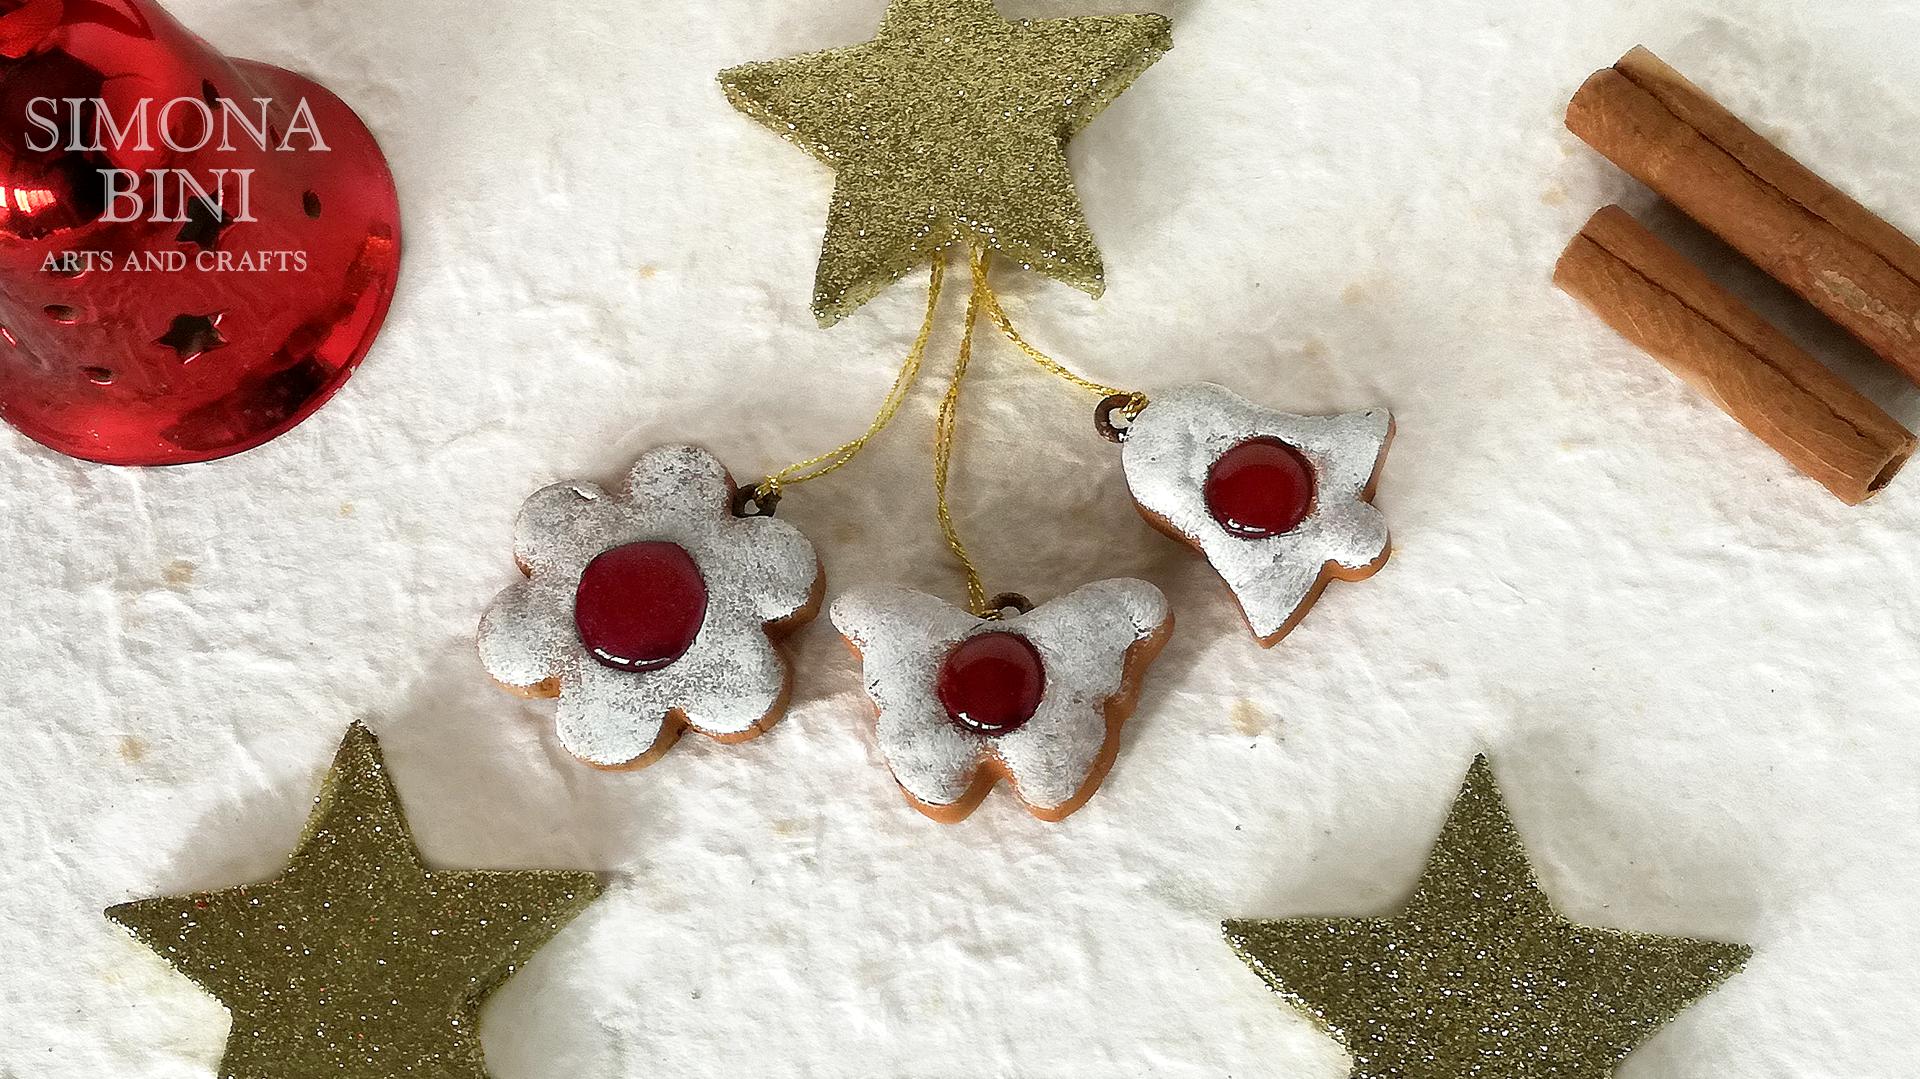 Biscotti Finti Per Albero Di Natale.Finti Biscotti Da Appendere All Albero Di Natale Fake Cookies To Hang On The Christmas Tree Simona Bini